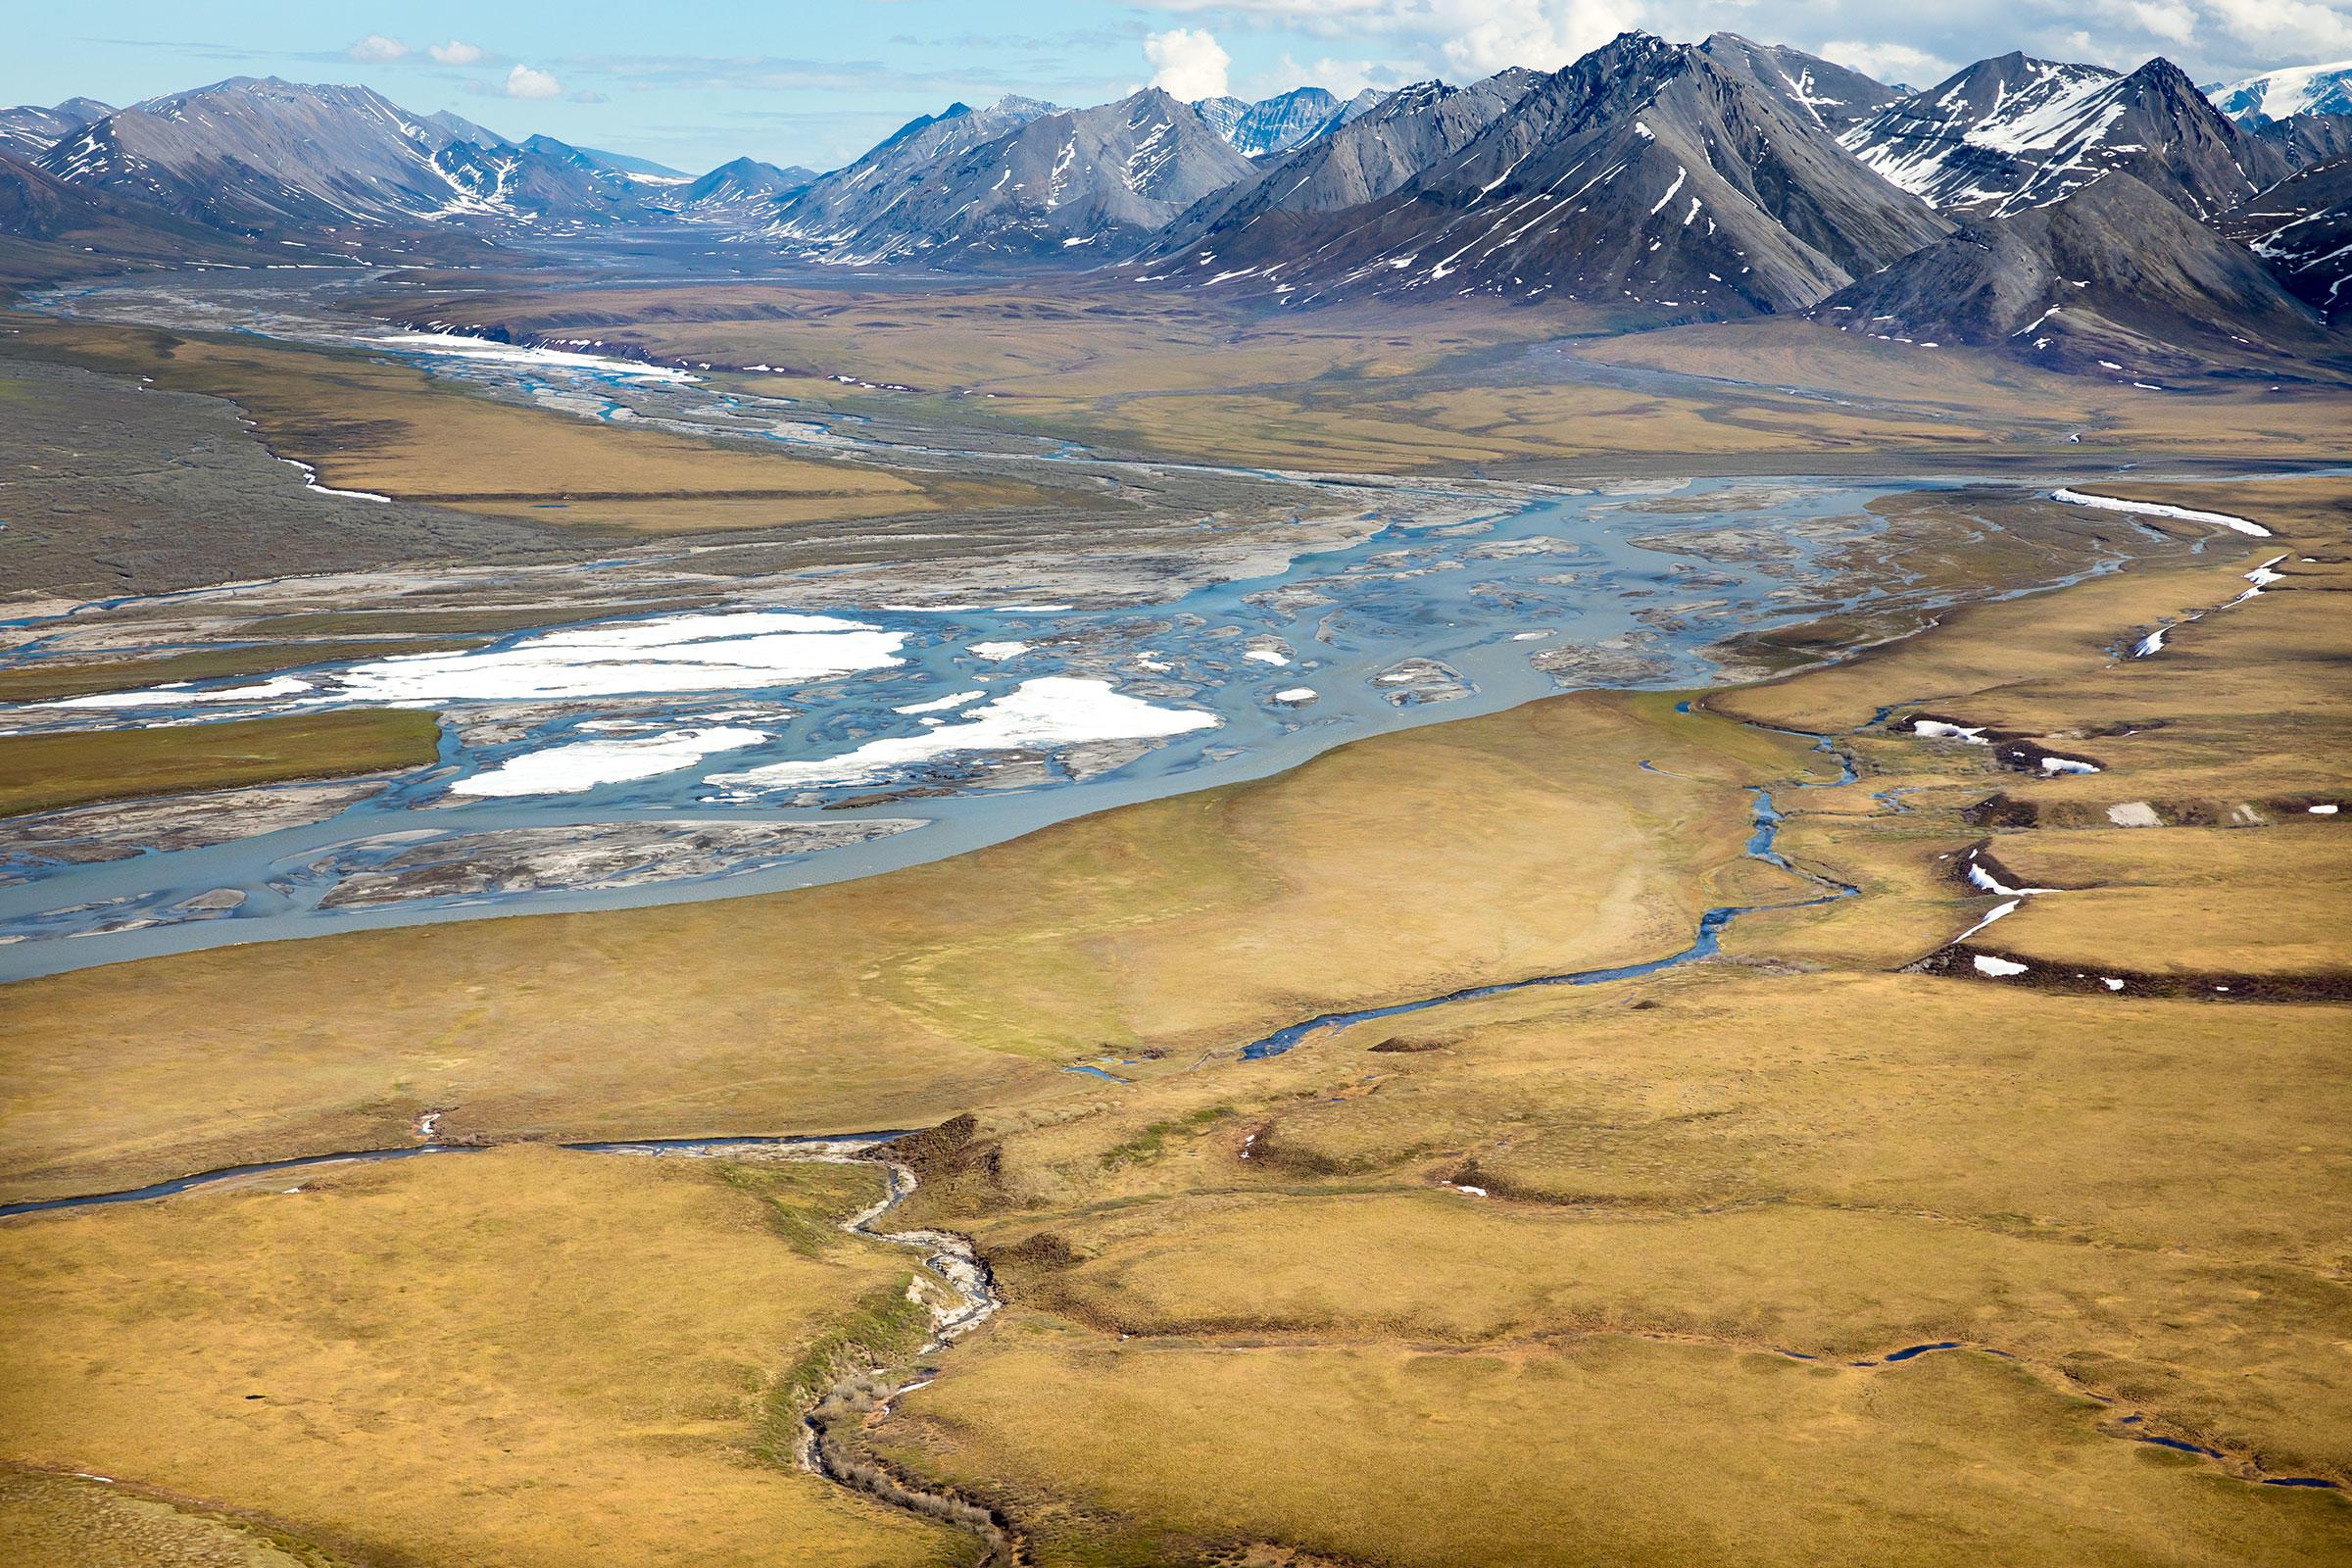 Arctic National Wildlife Refuge coastal plain. Lisa Hupp/USFWS